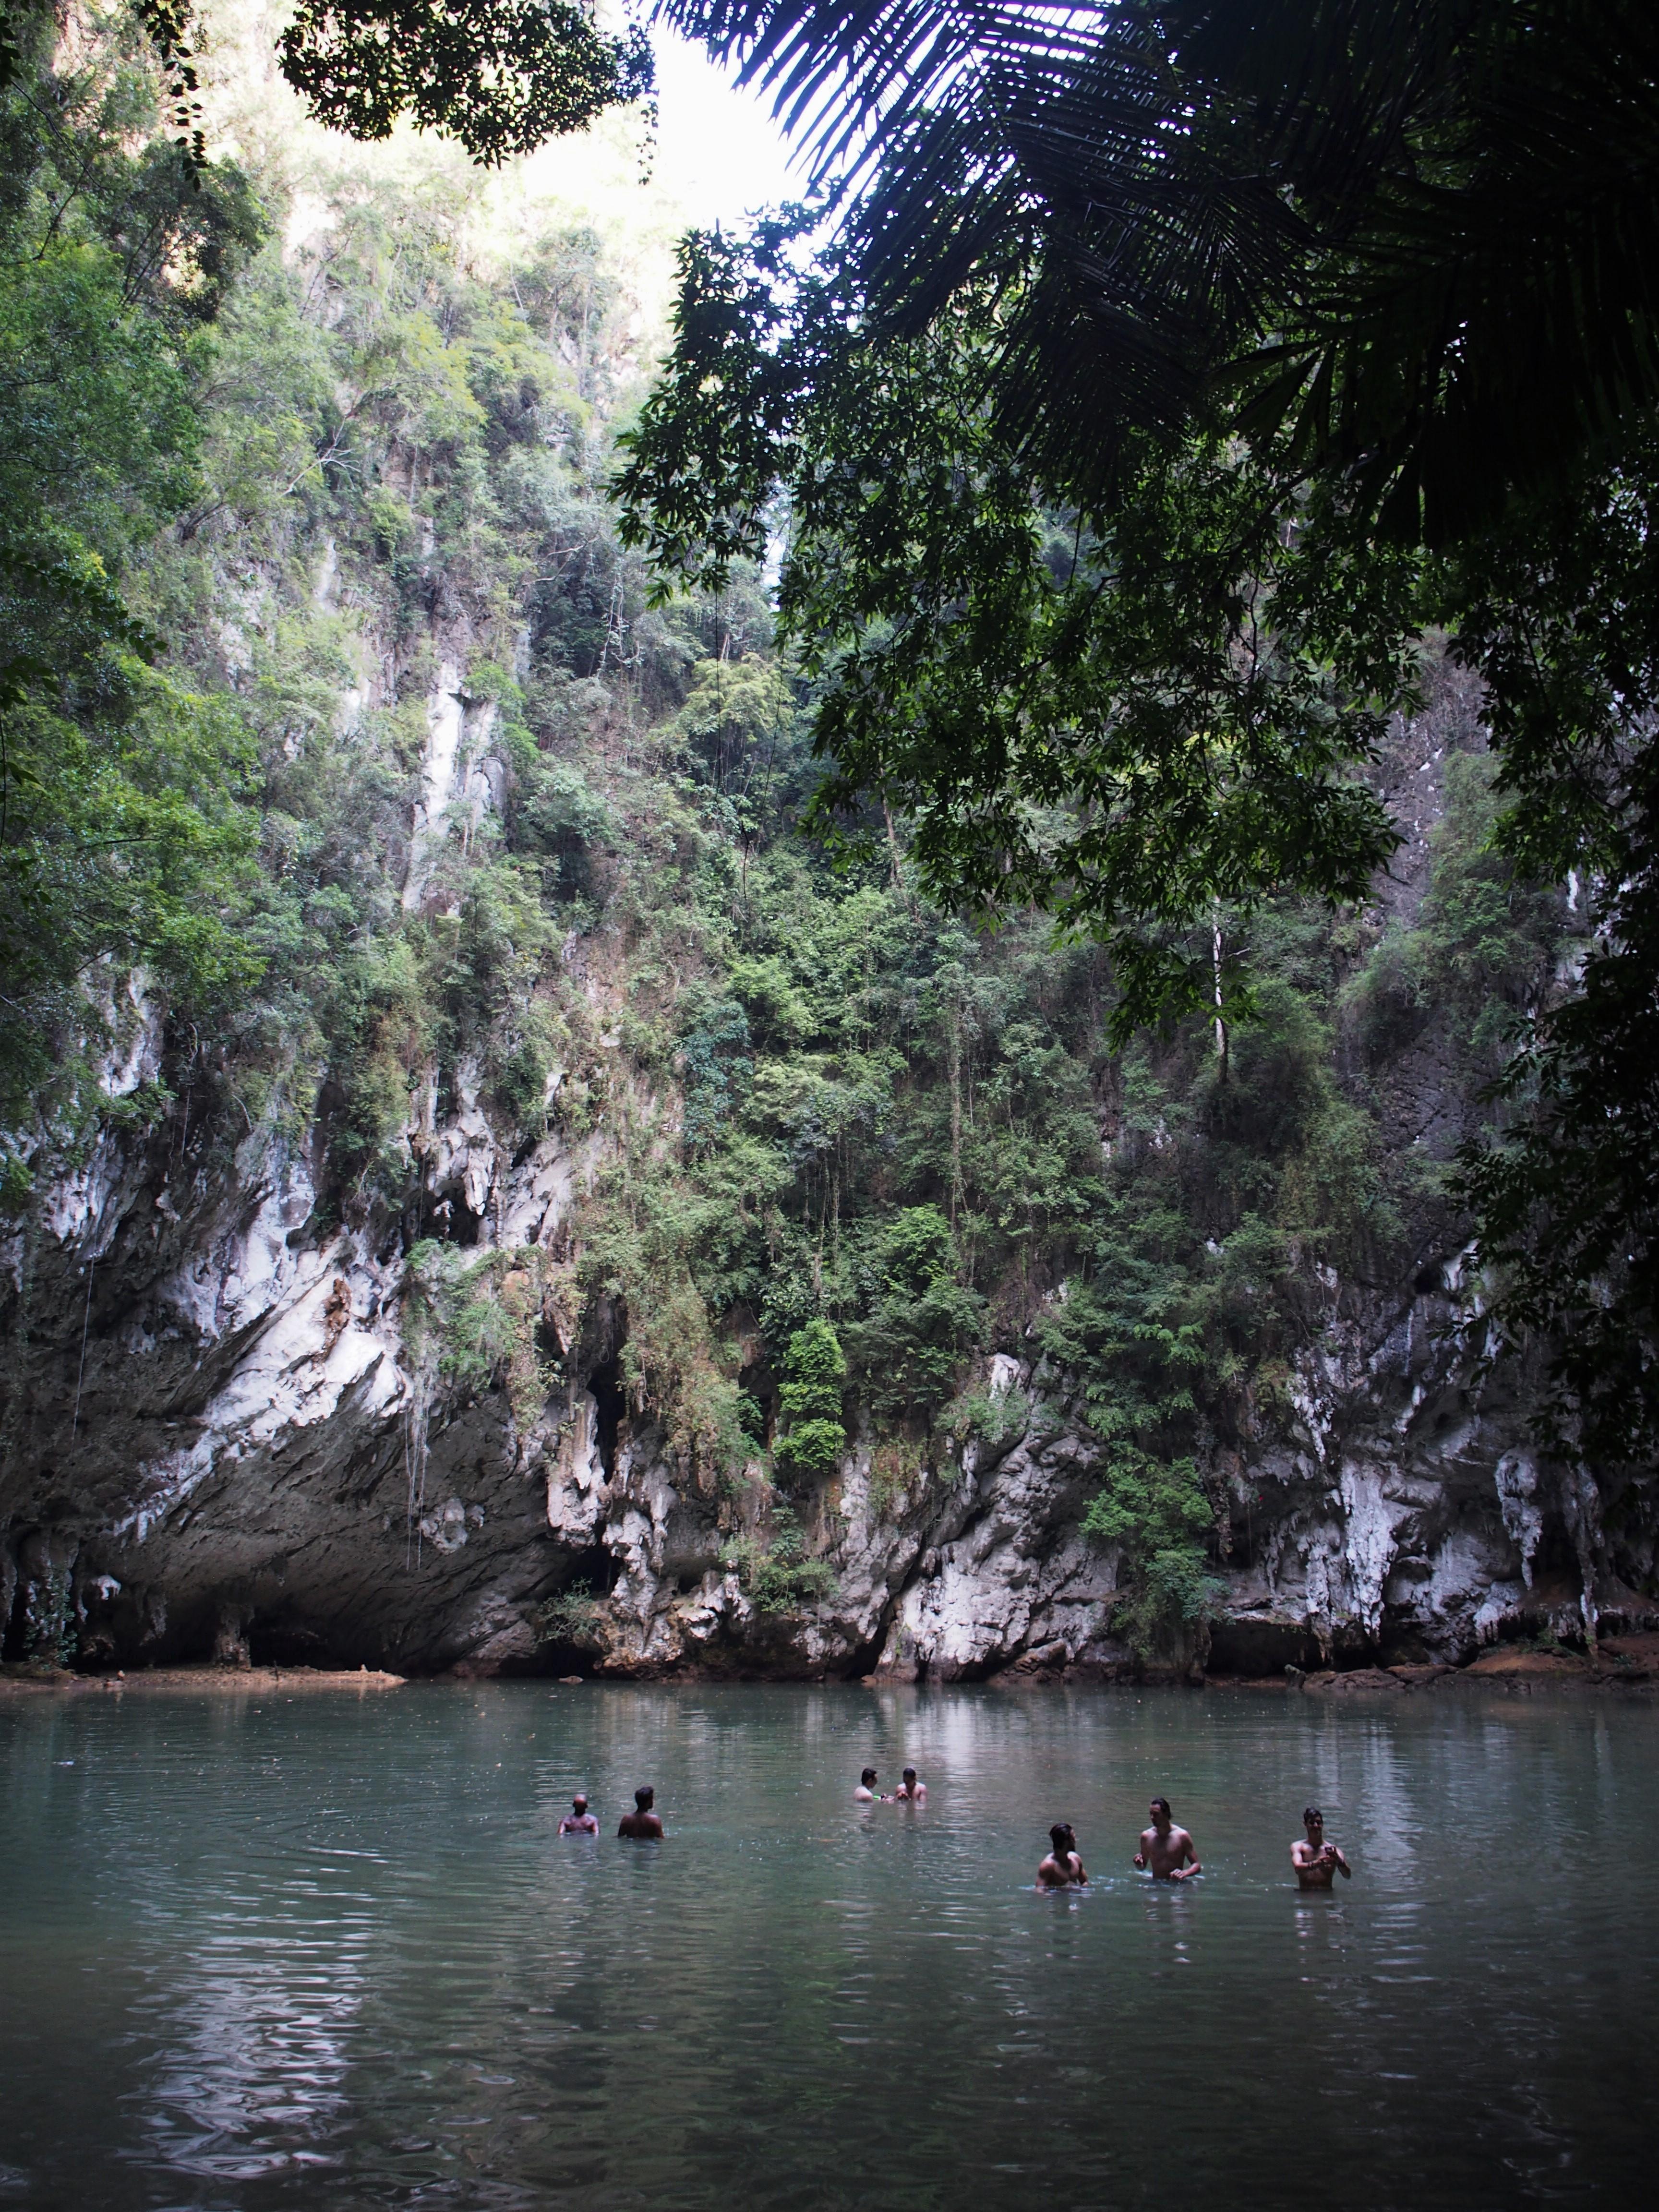 phi phi kokemuksia, phi phi islands, phi phi saaret, thaimaa  Climbing spot in Krabi.